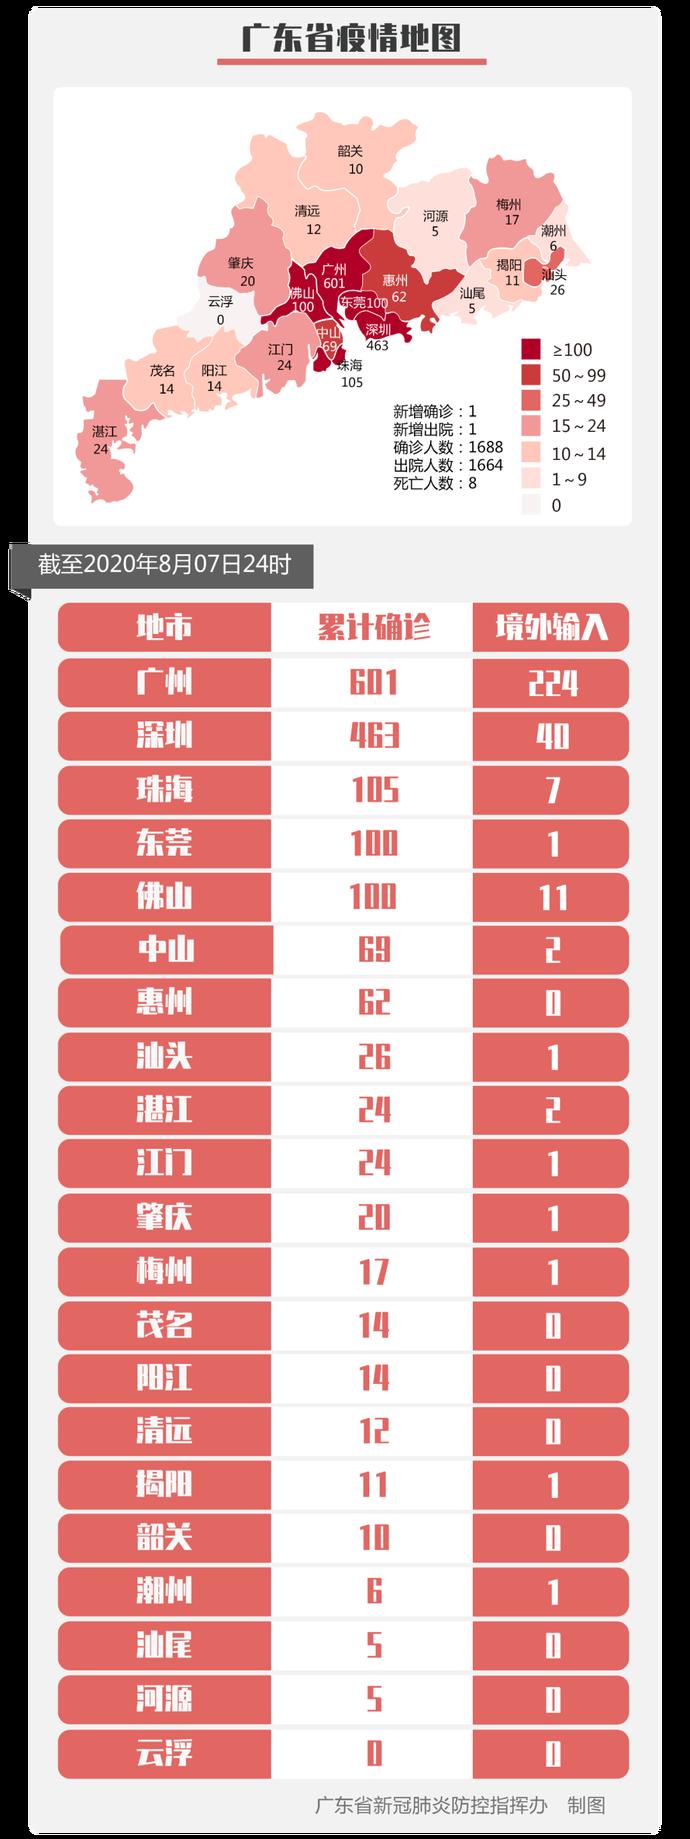 【疫情通报】8月7日,湛江市新增1例境外输入无症状感染者!来自菲律宾